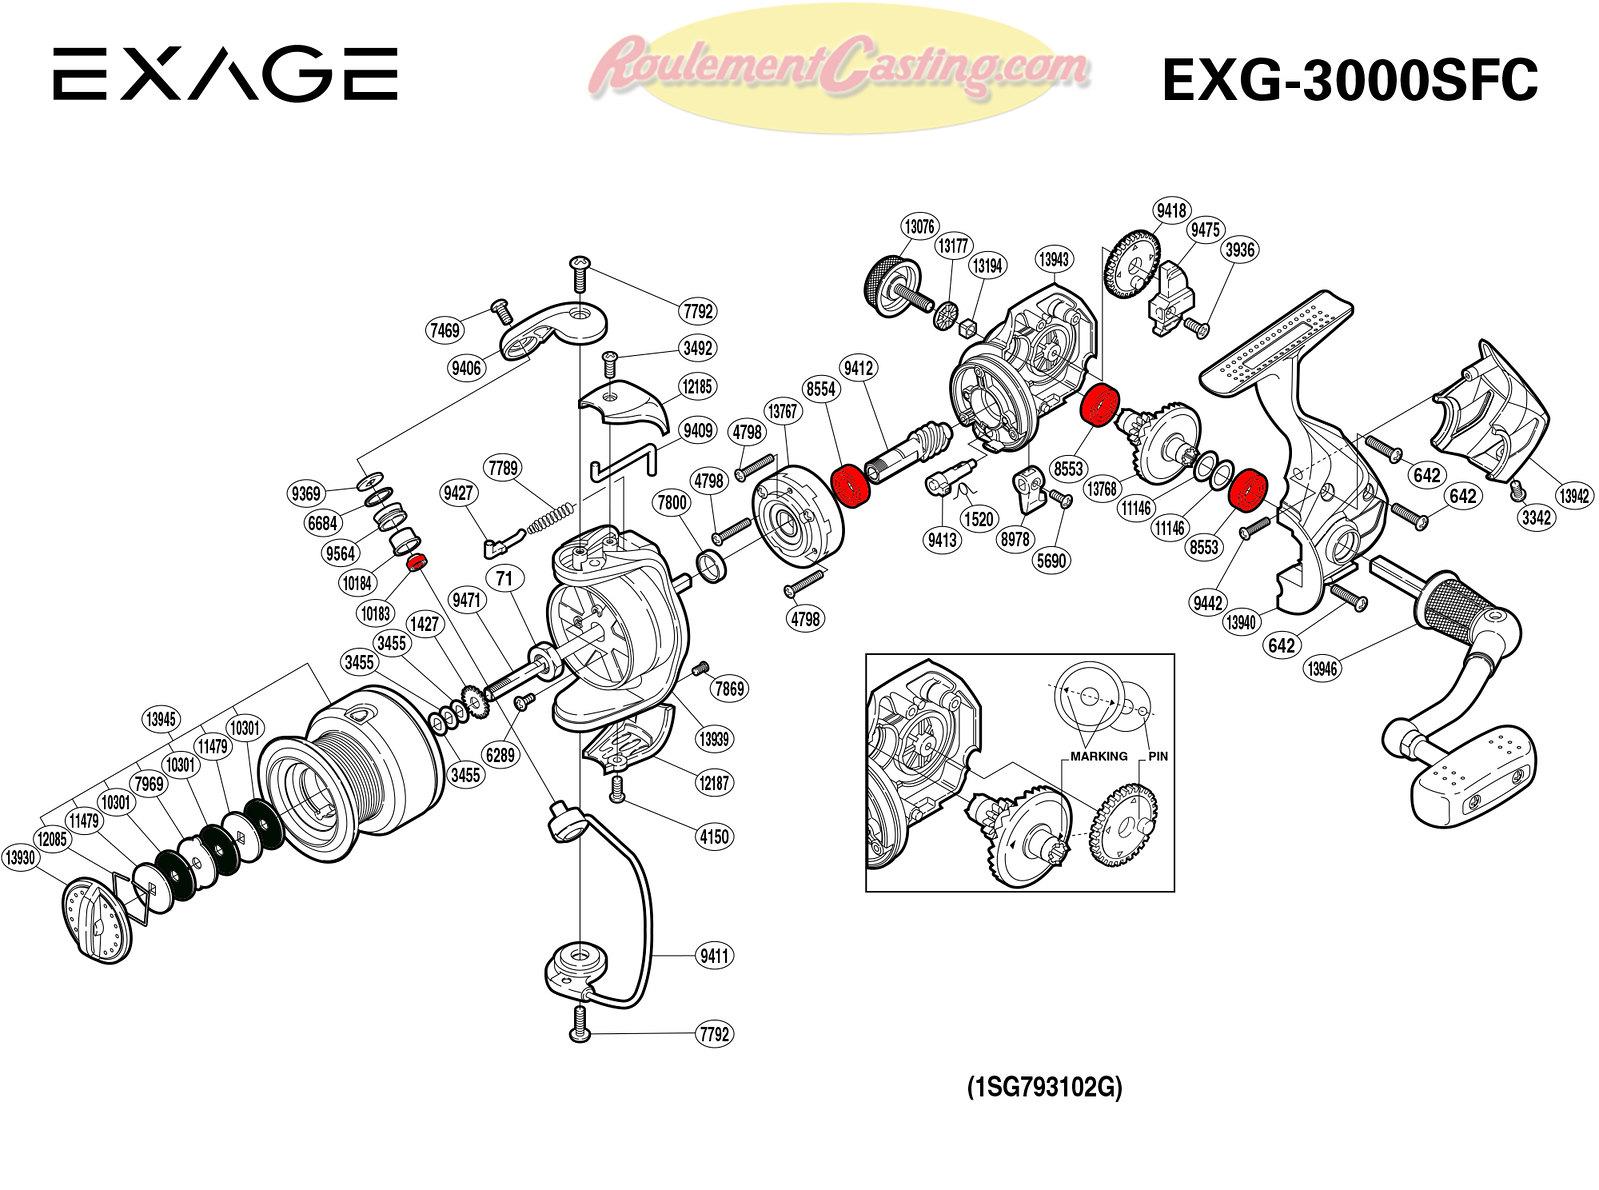 Schema-Shimano-EXAGE-3000SFC